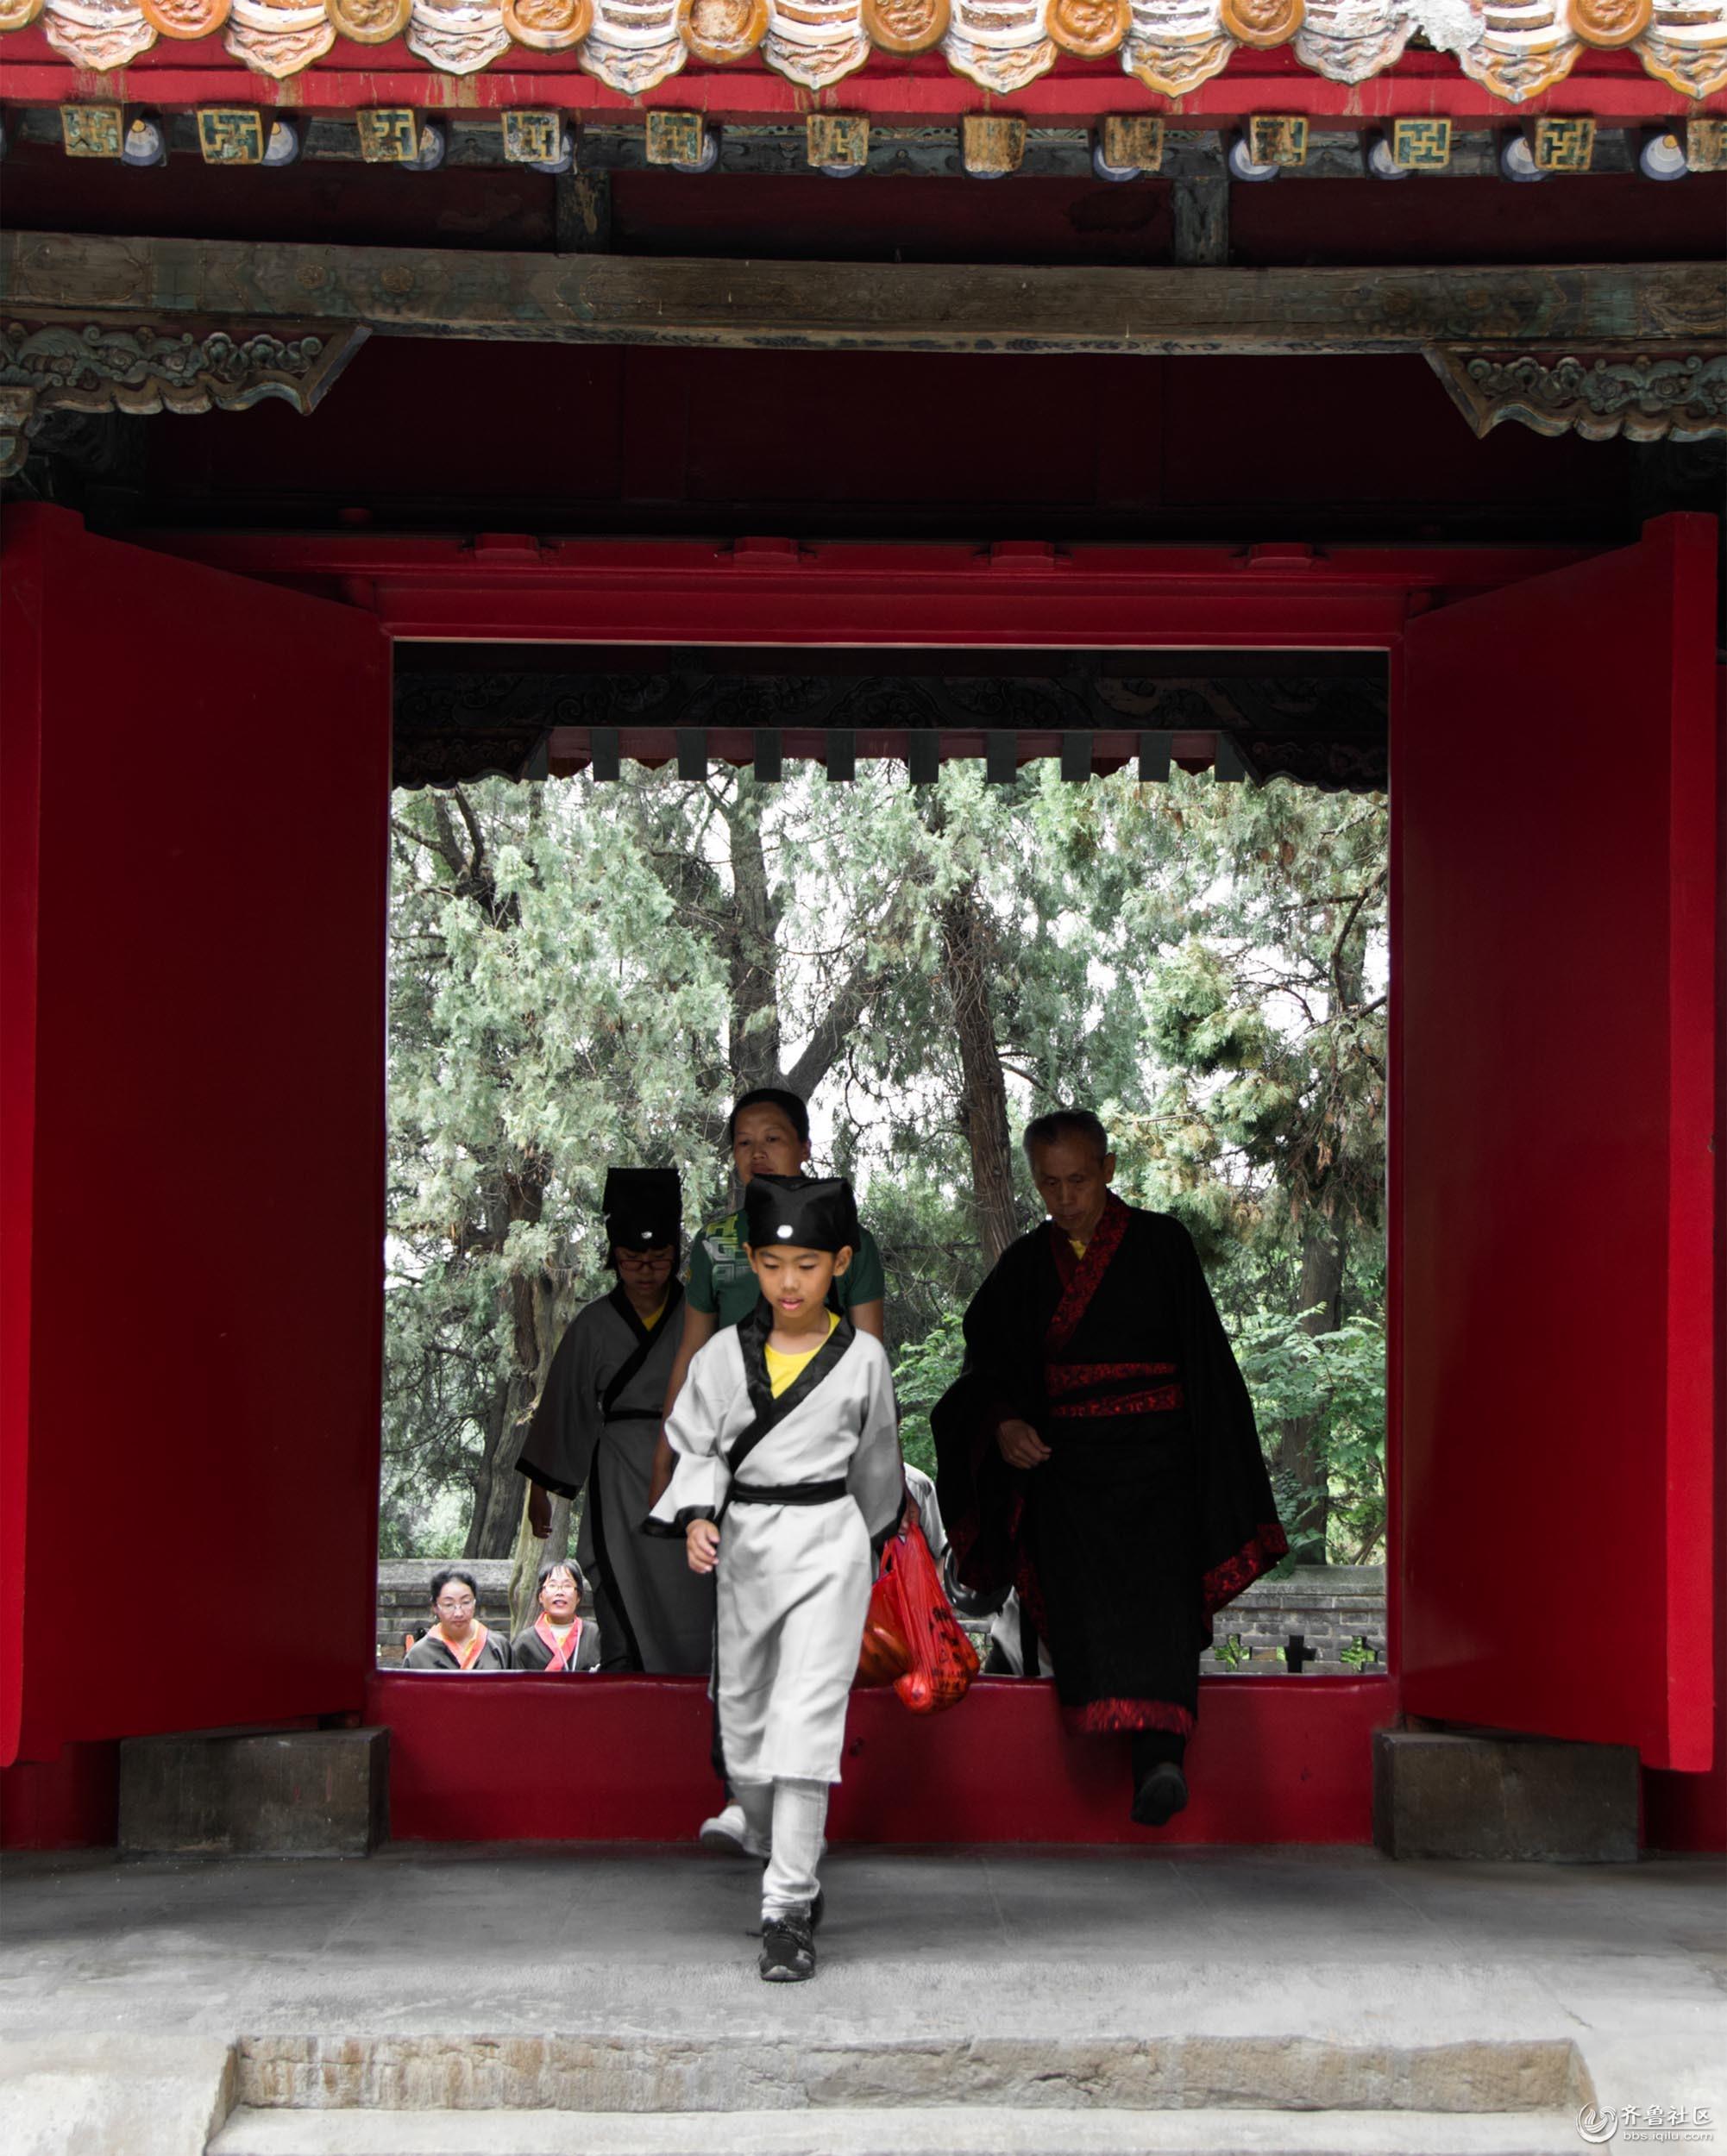 1、入师,即将入学的新生,着古装夸人尼山孔庙,举行开蒙礼。